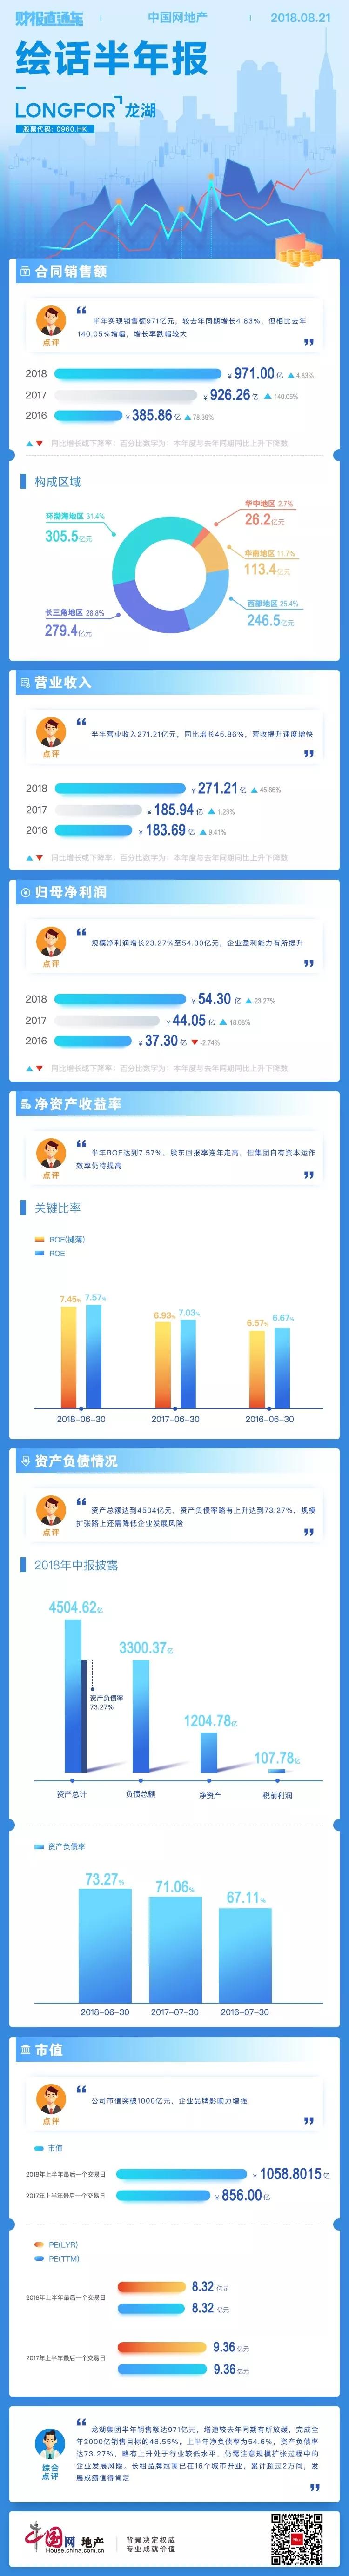 财报直通车 | 绘话半年报09期——龙湖-中国网地产